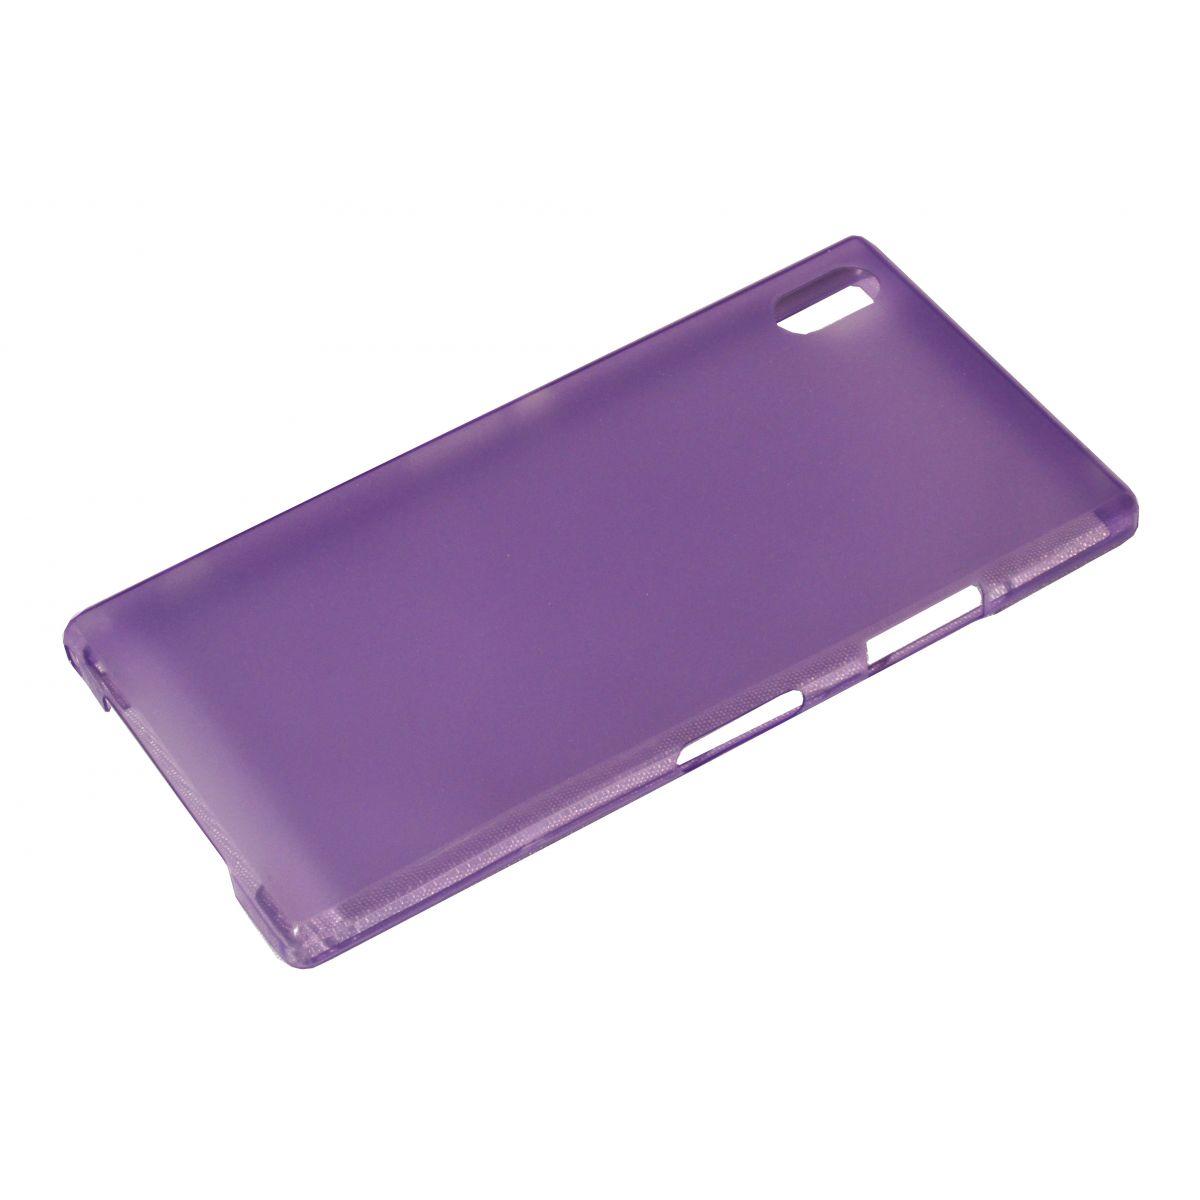 Capa Ultra Slim para Sony Xperia Z1 C6903 C6902 L39h + Película Lilás